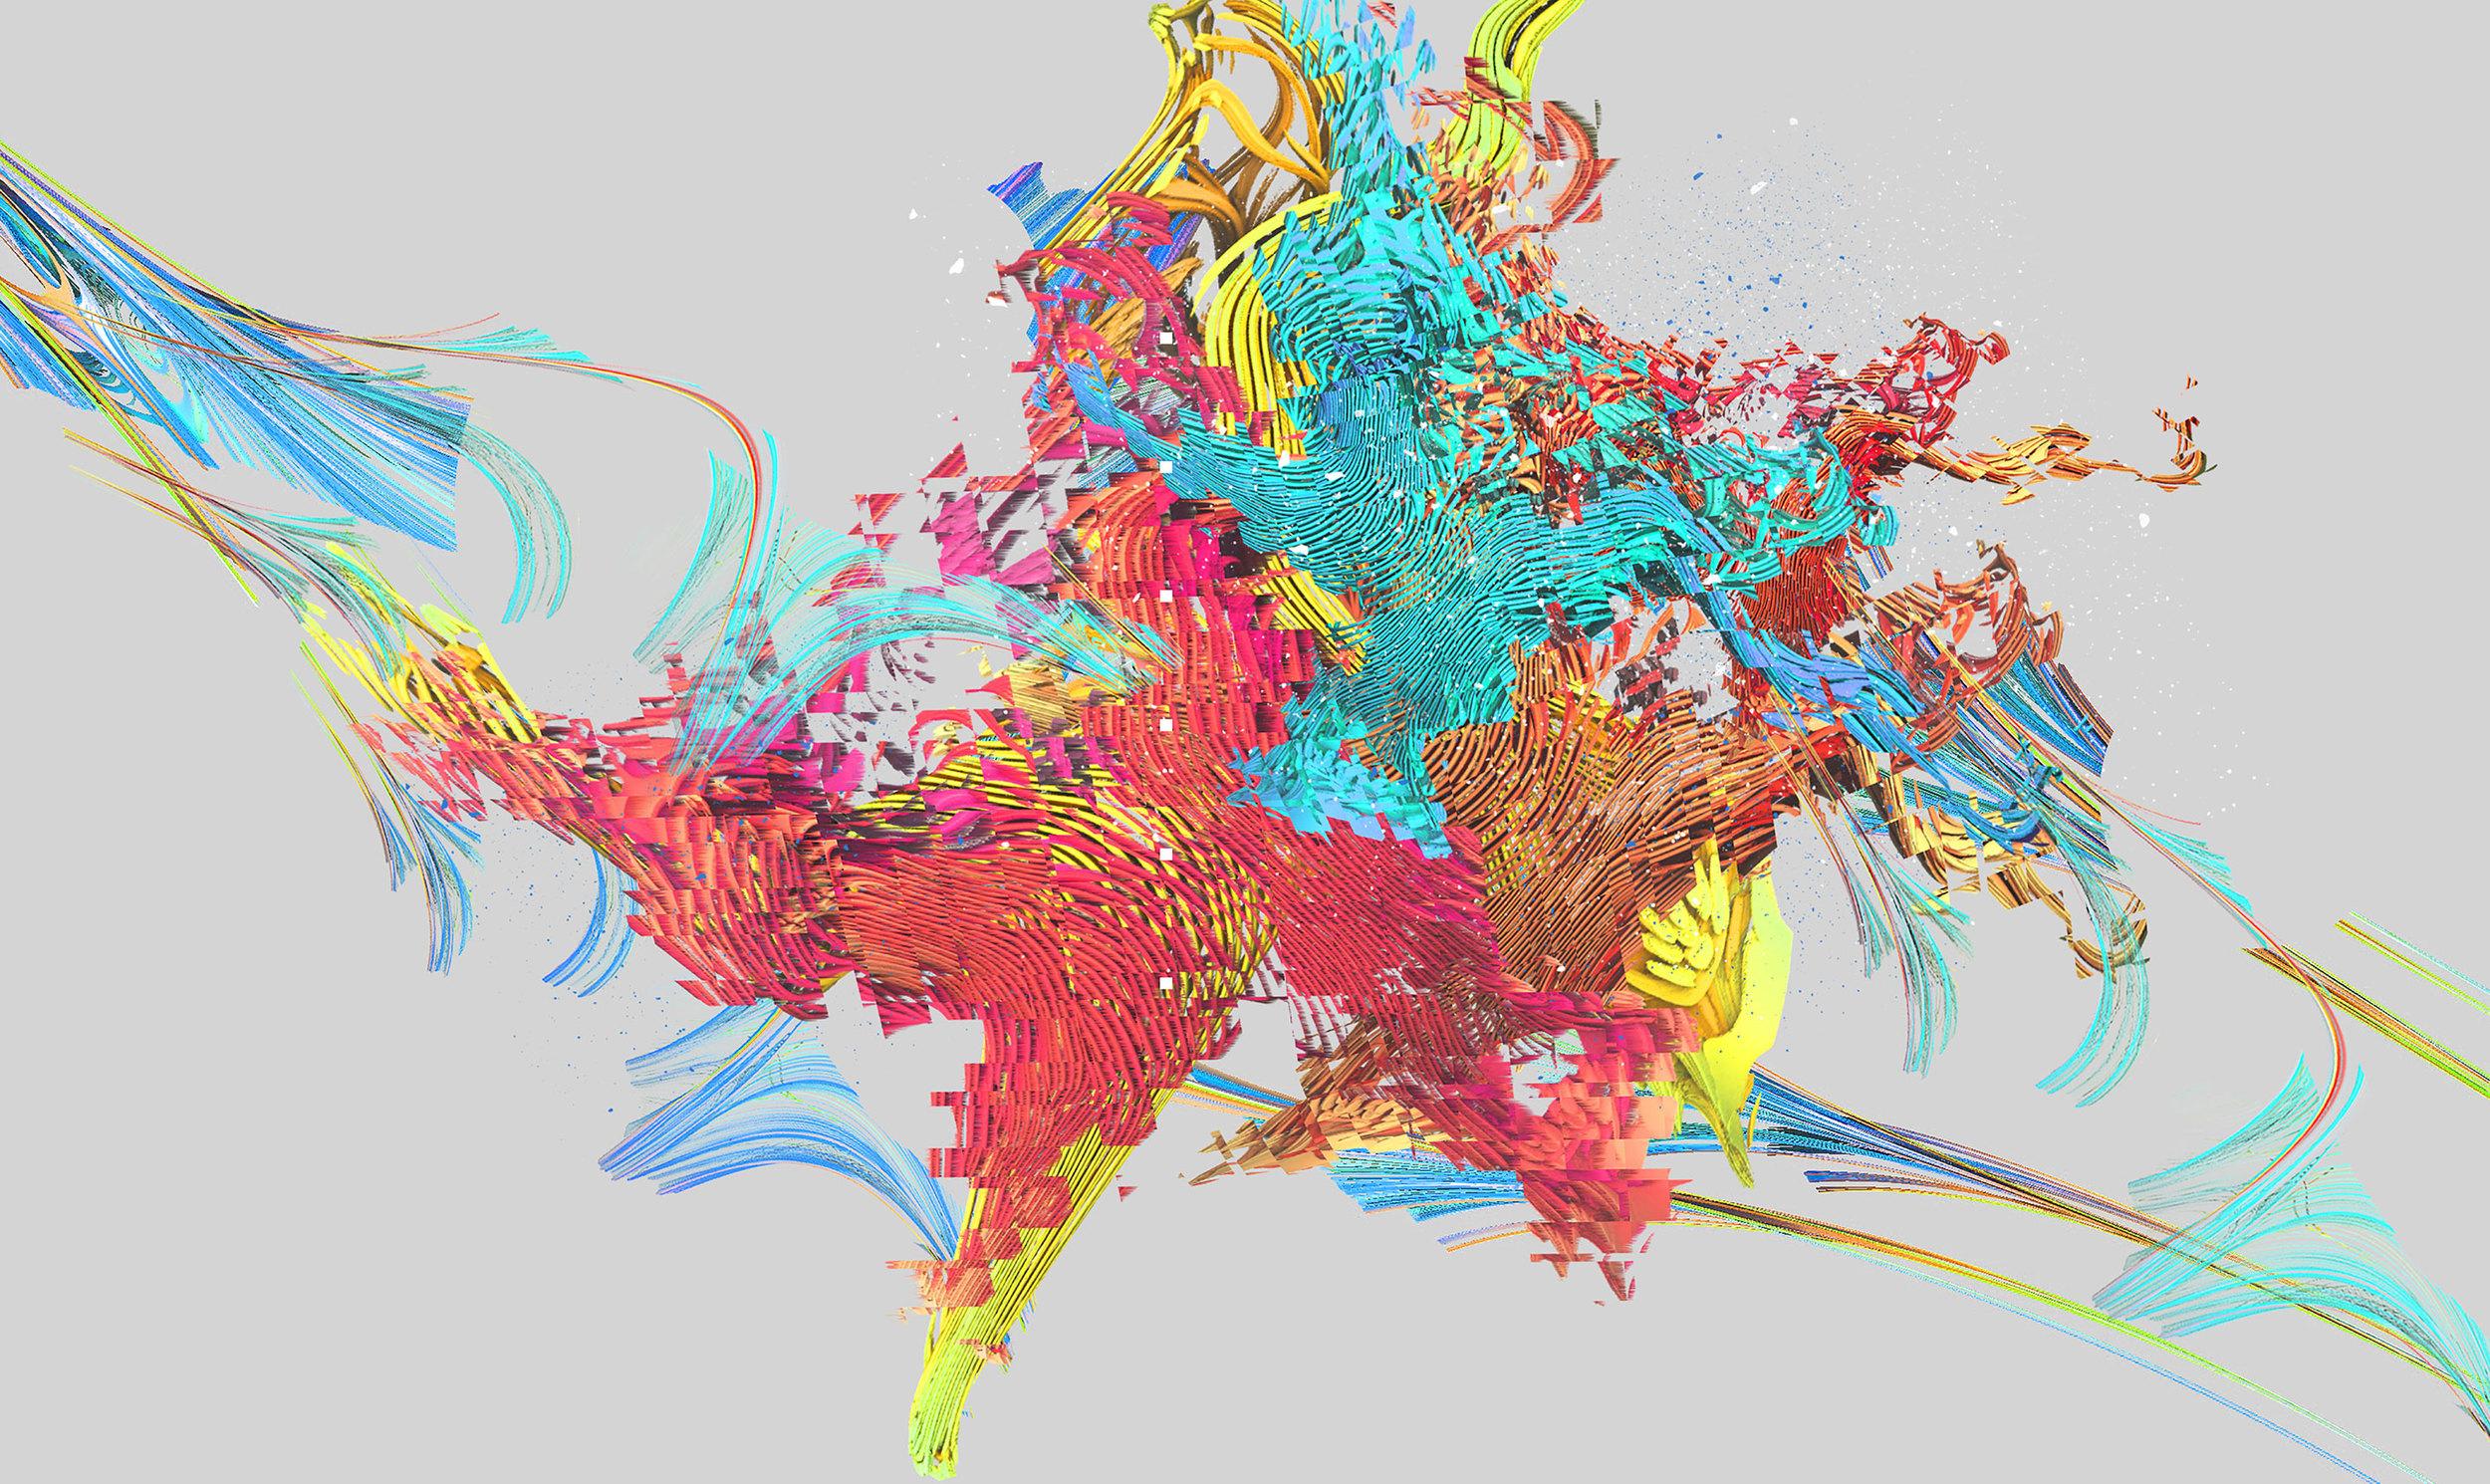 16-03-27-color-fractal-collage(edited2).jpg